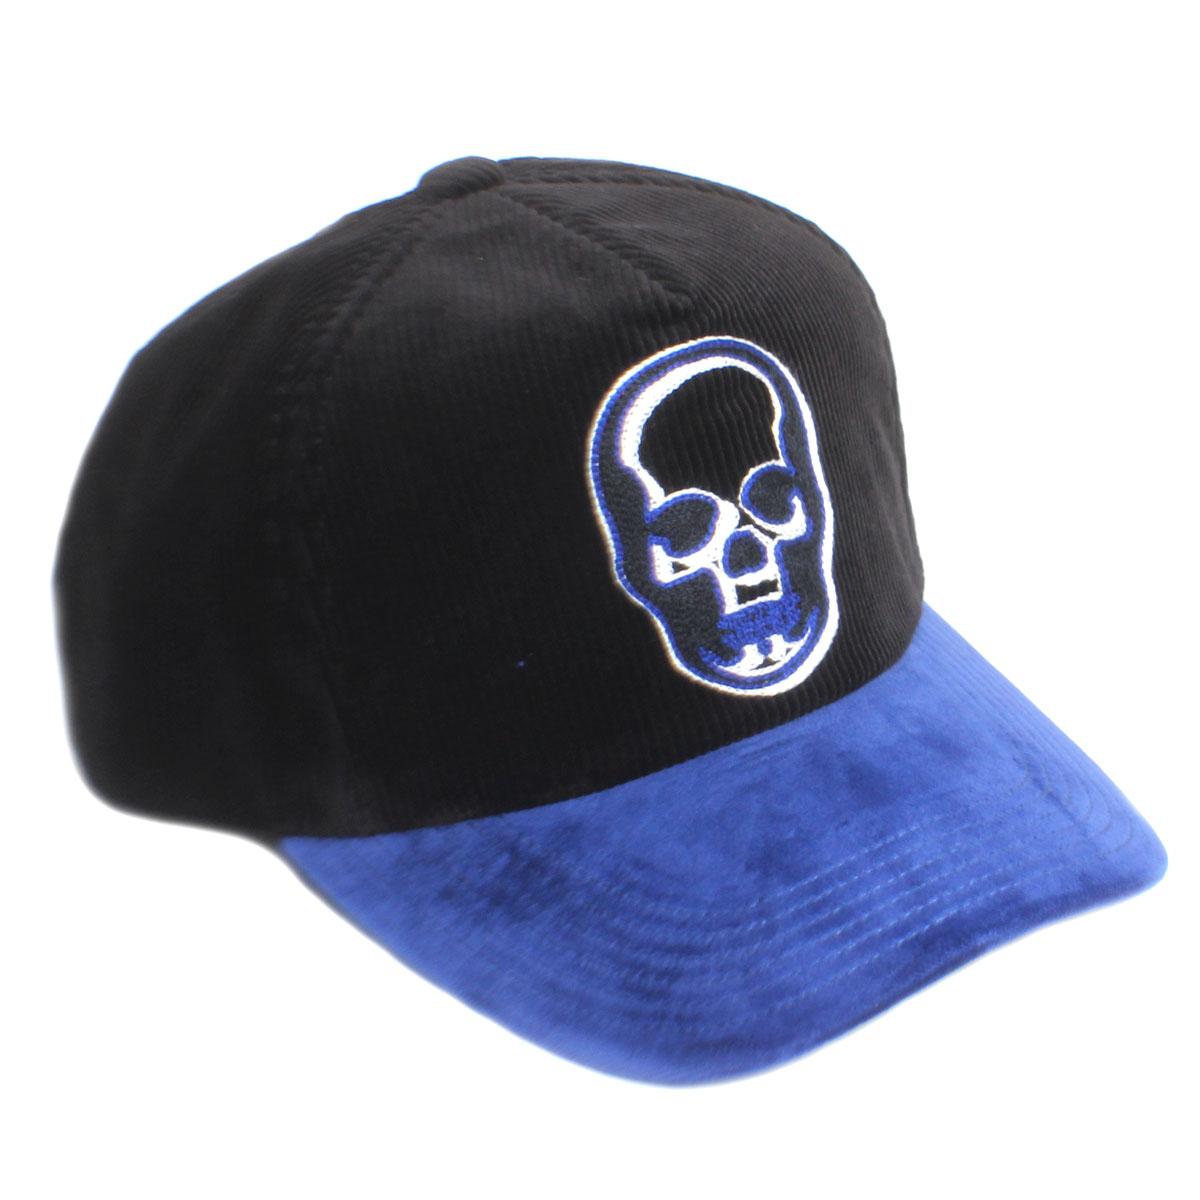 lucien pellat-finet ルシアンペラフィネ メンズ キャップ 帽子 CAP75 コーデュロイ BLACK/BLUE ブラック ブルー スカル ドクロ